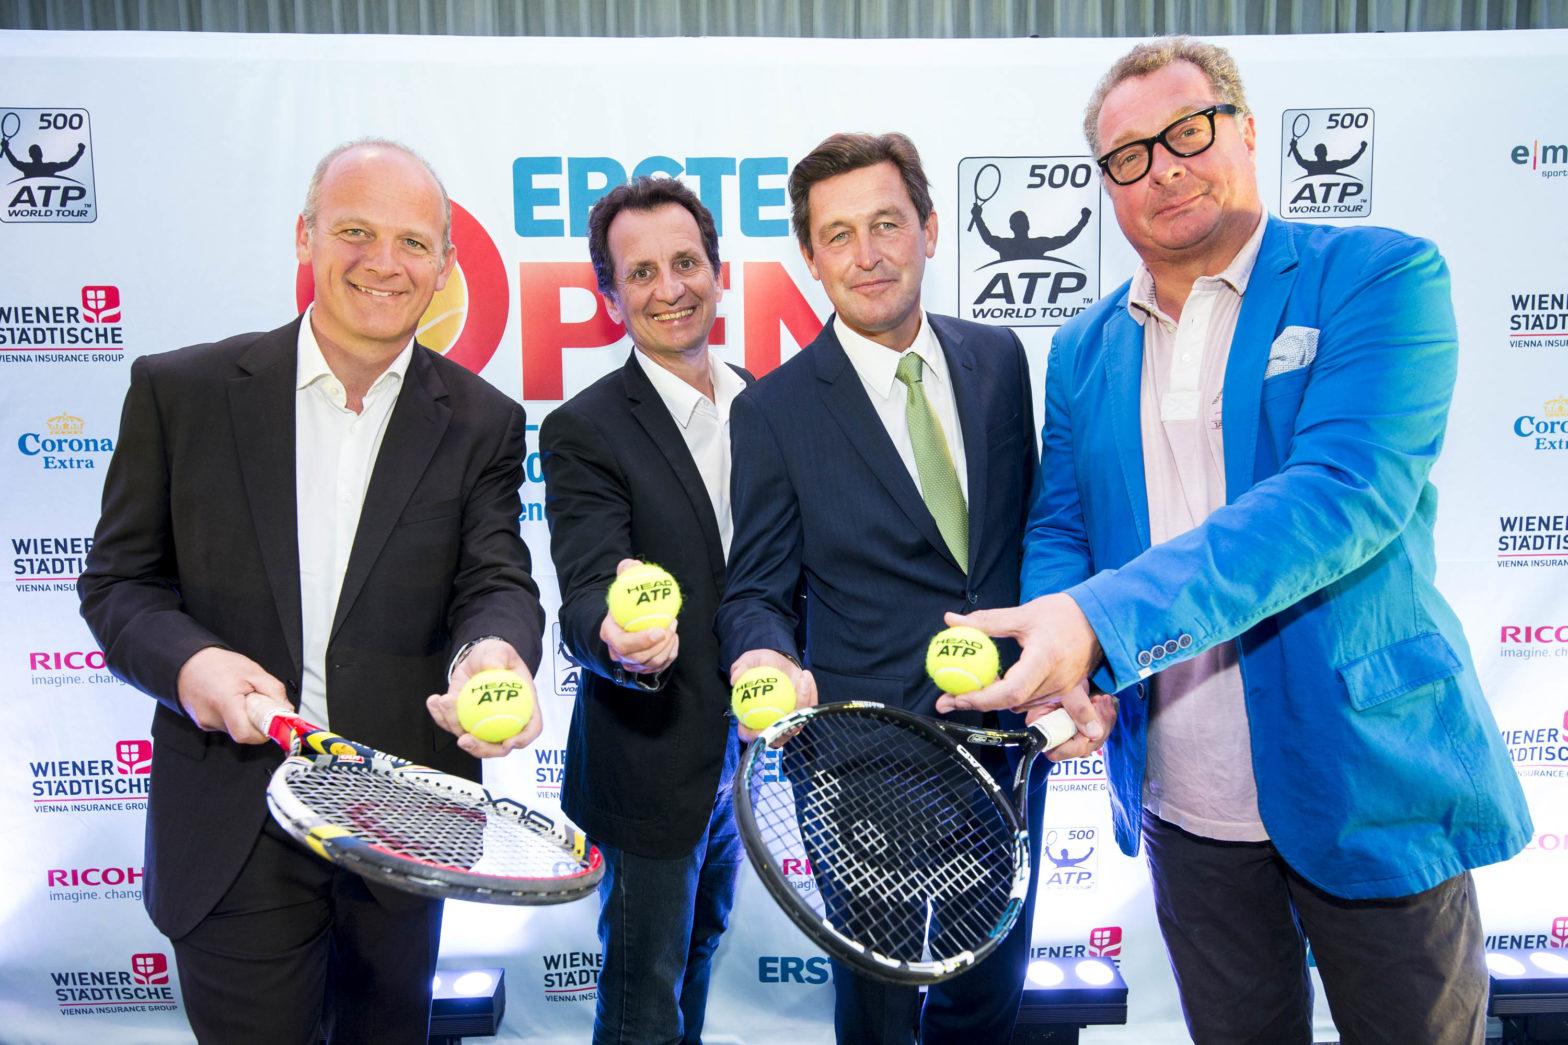 Erste Bank Open – Wiener Stadthalle